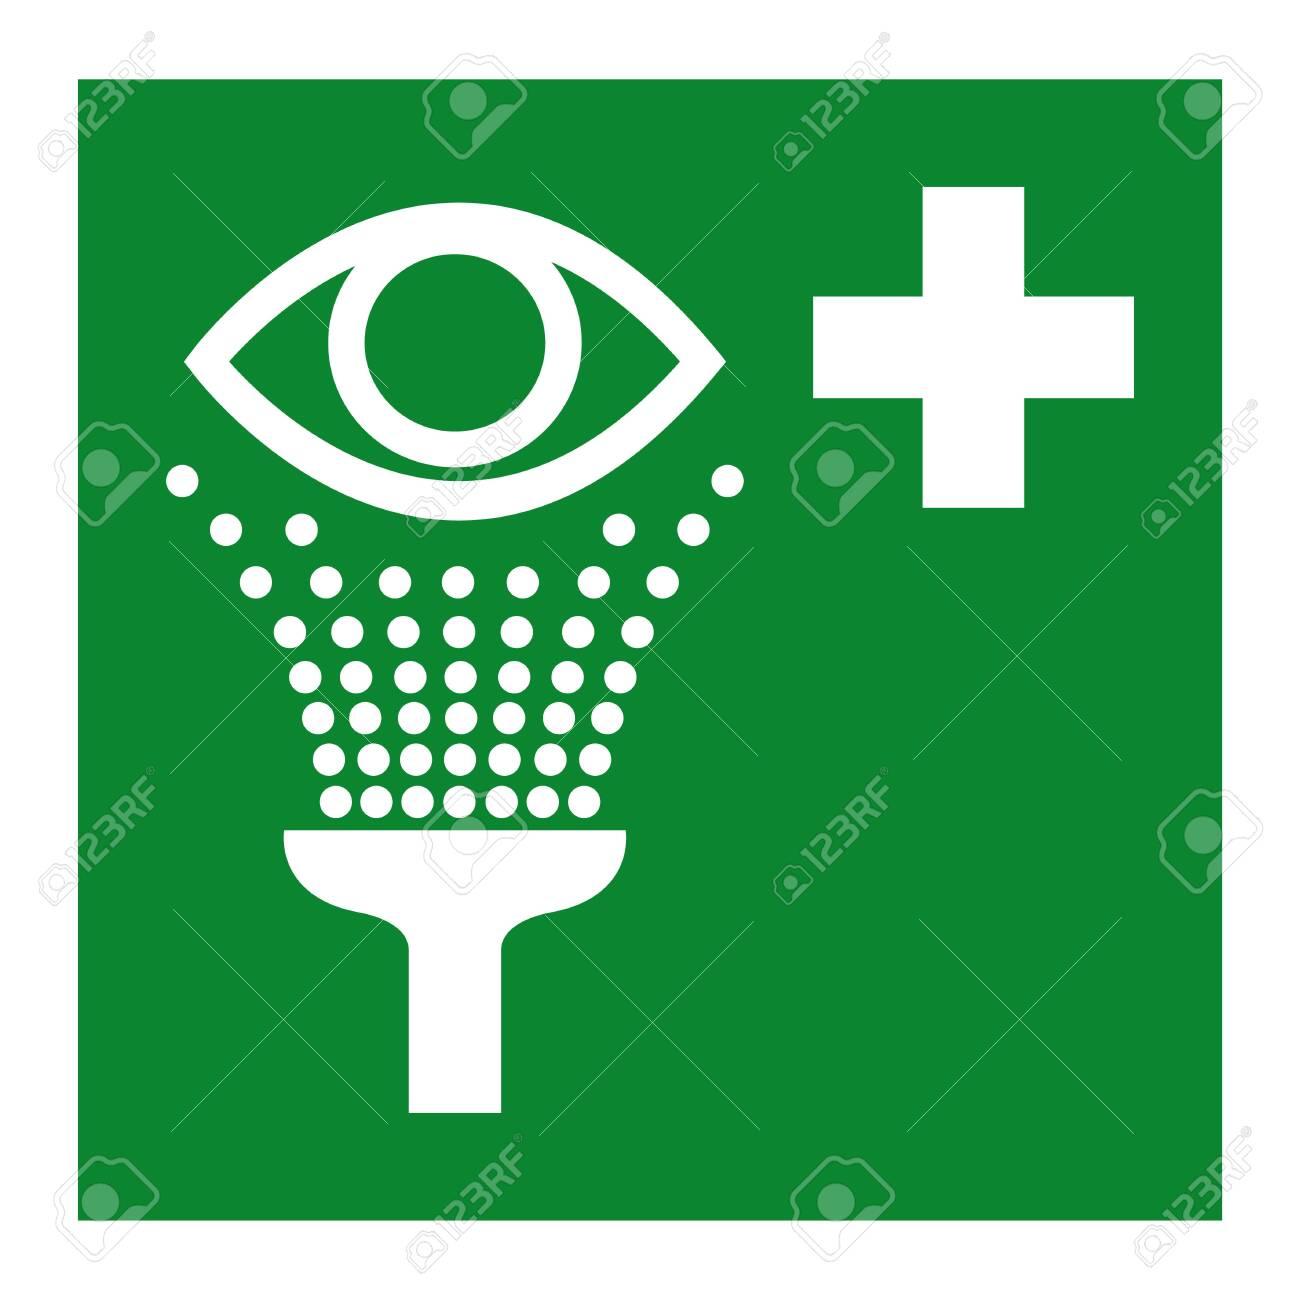 Eye Wash Station Symbol Isolate On White Background,Vector Illustration EPS.10 - 126258162